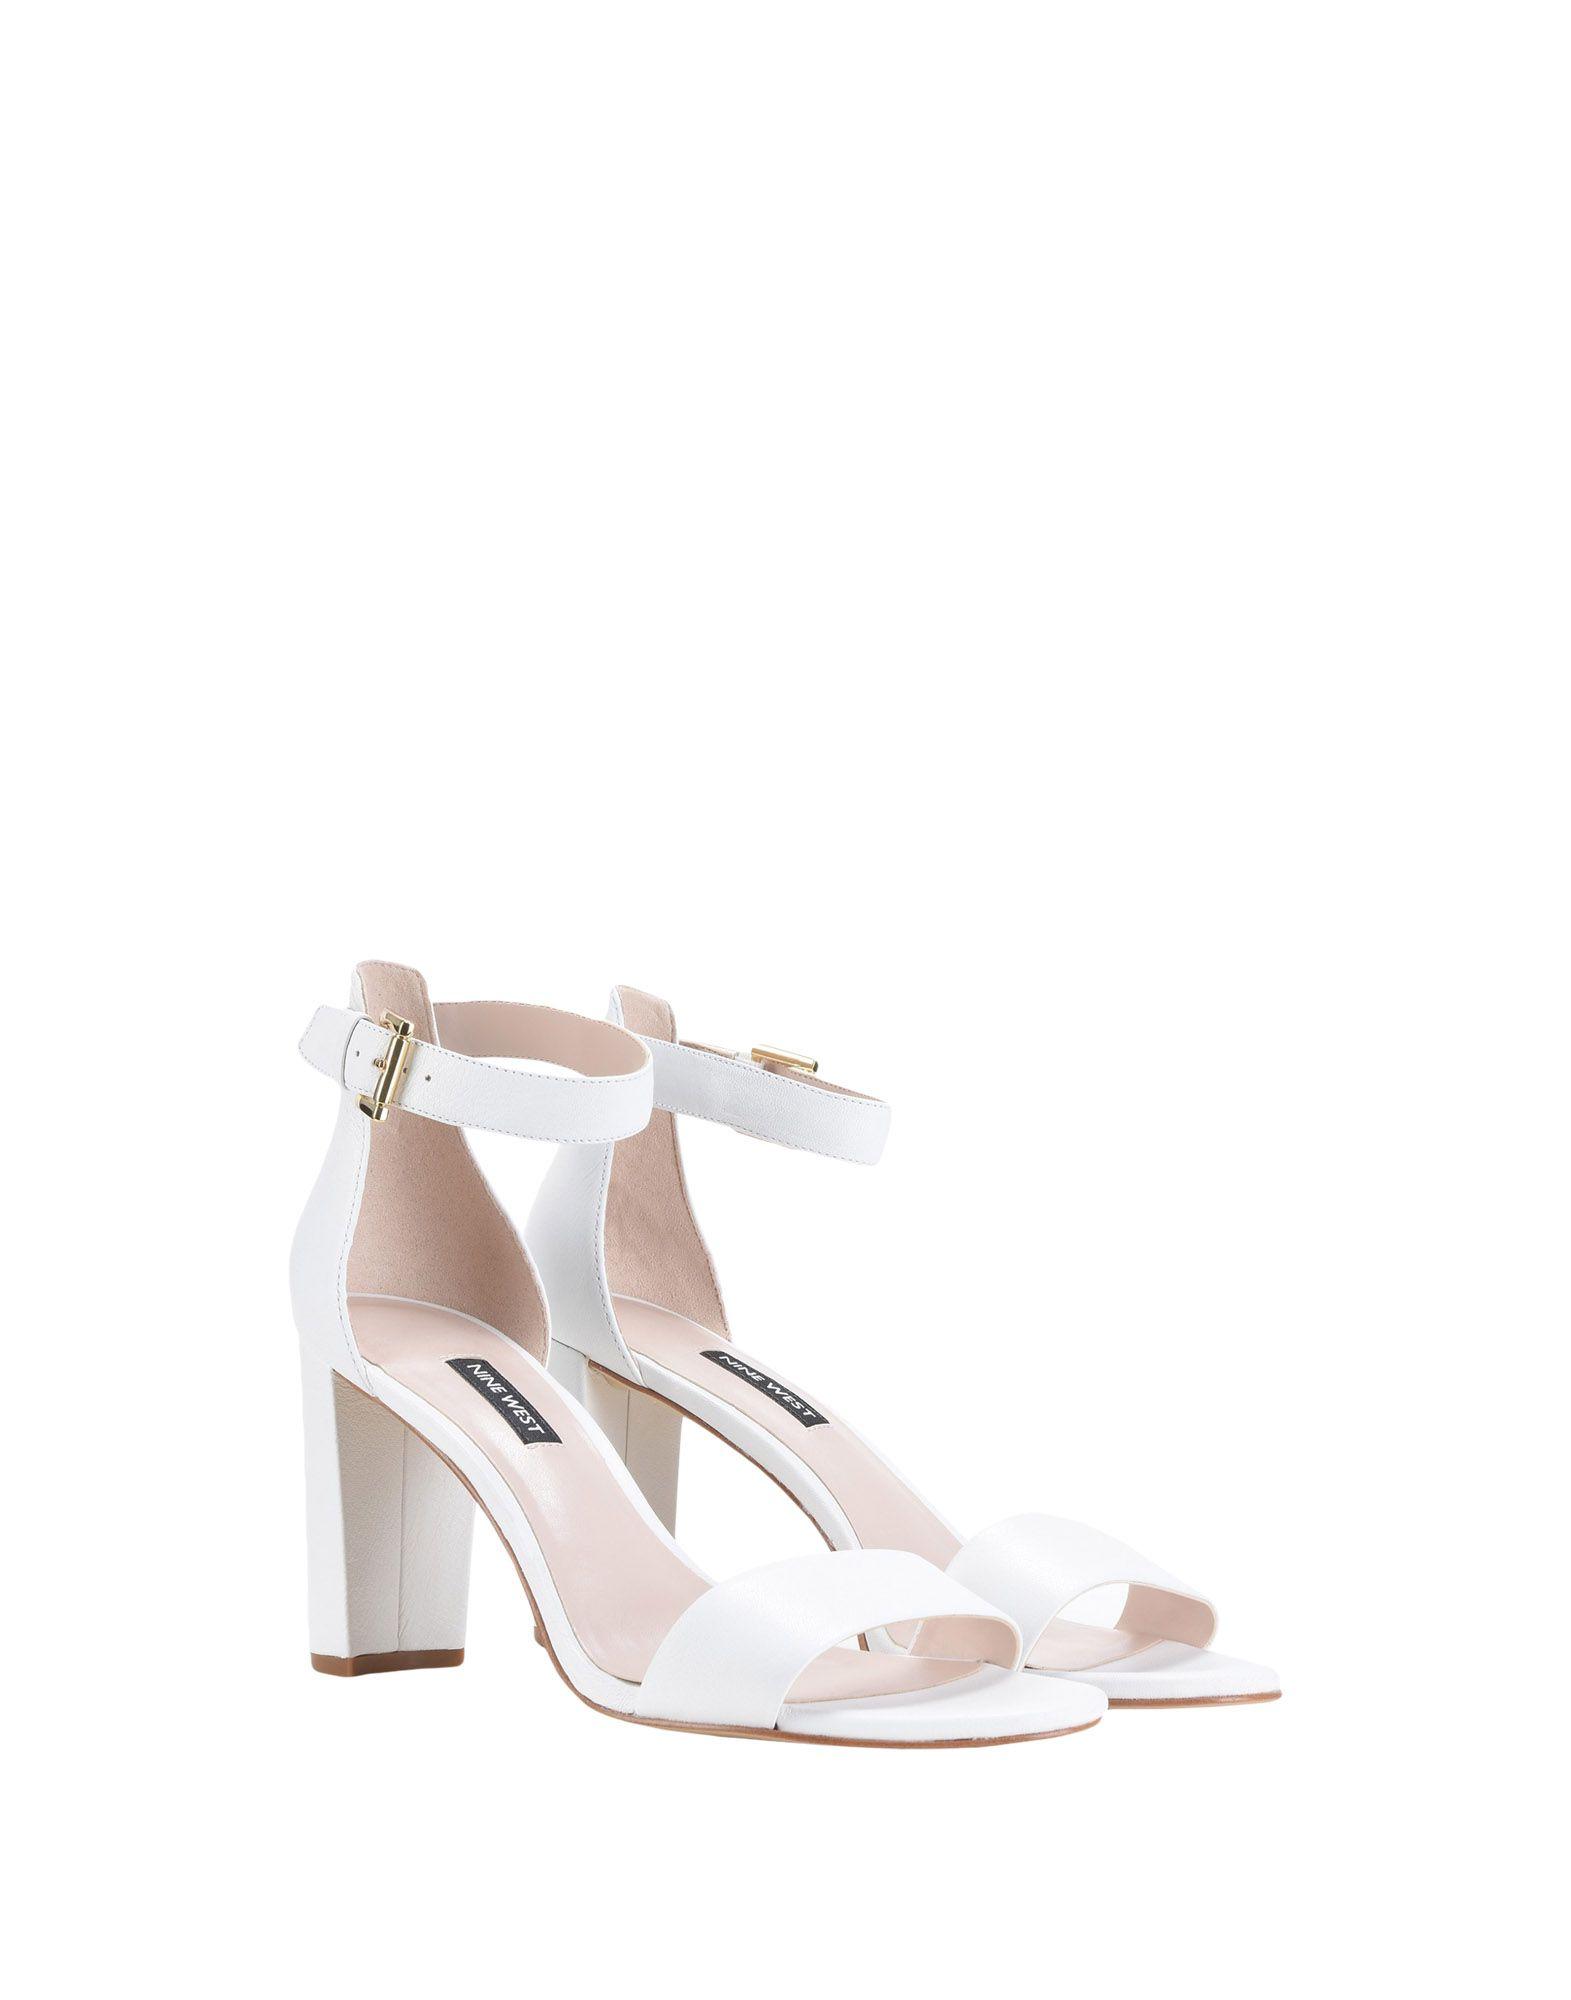 Nine West Nora  11482874RJ Gute Qualität beliebte Schuhe